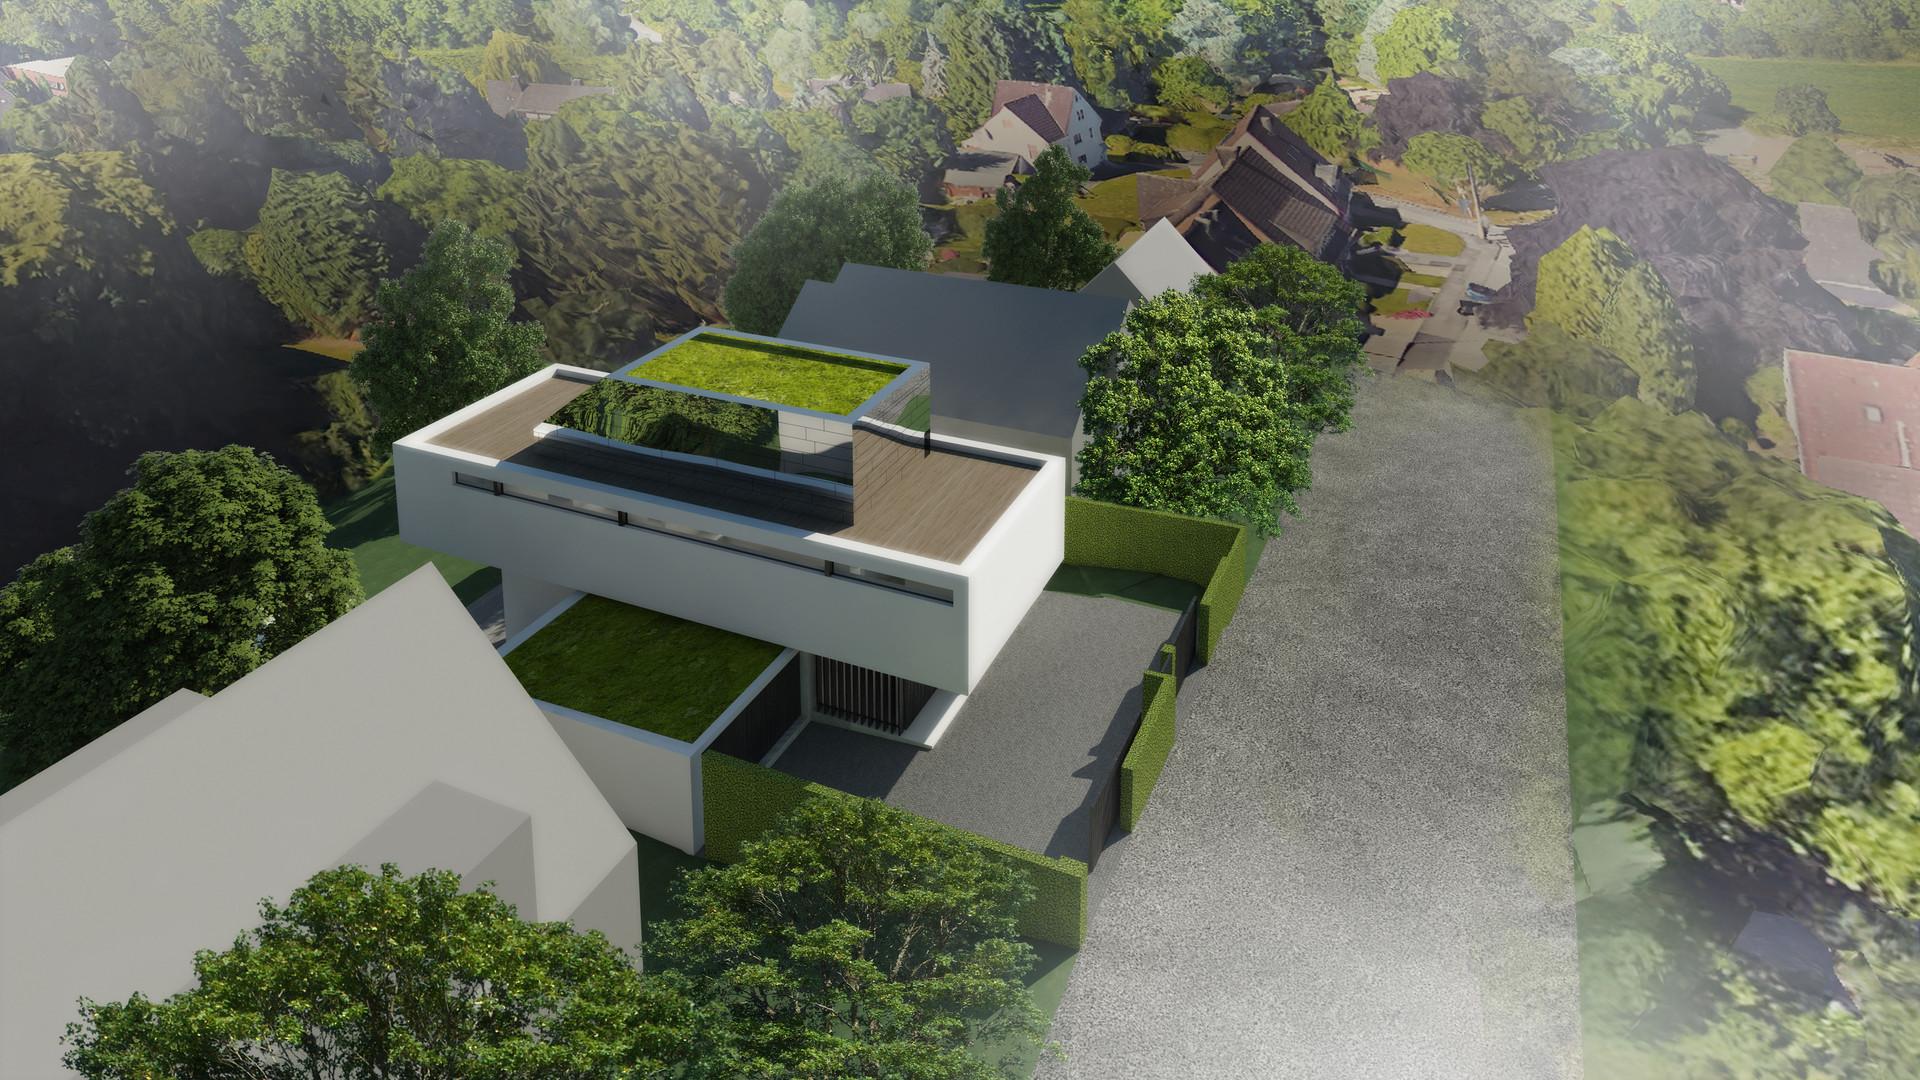 H58 Wohnhaus | Ben Dieckmann architects